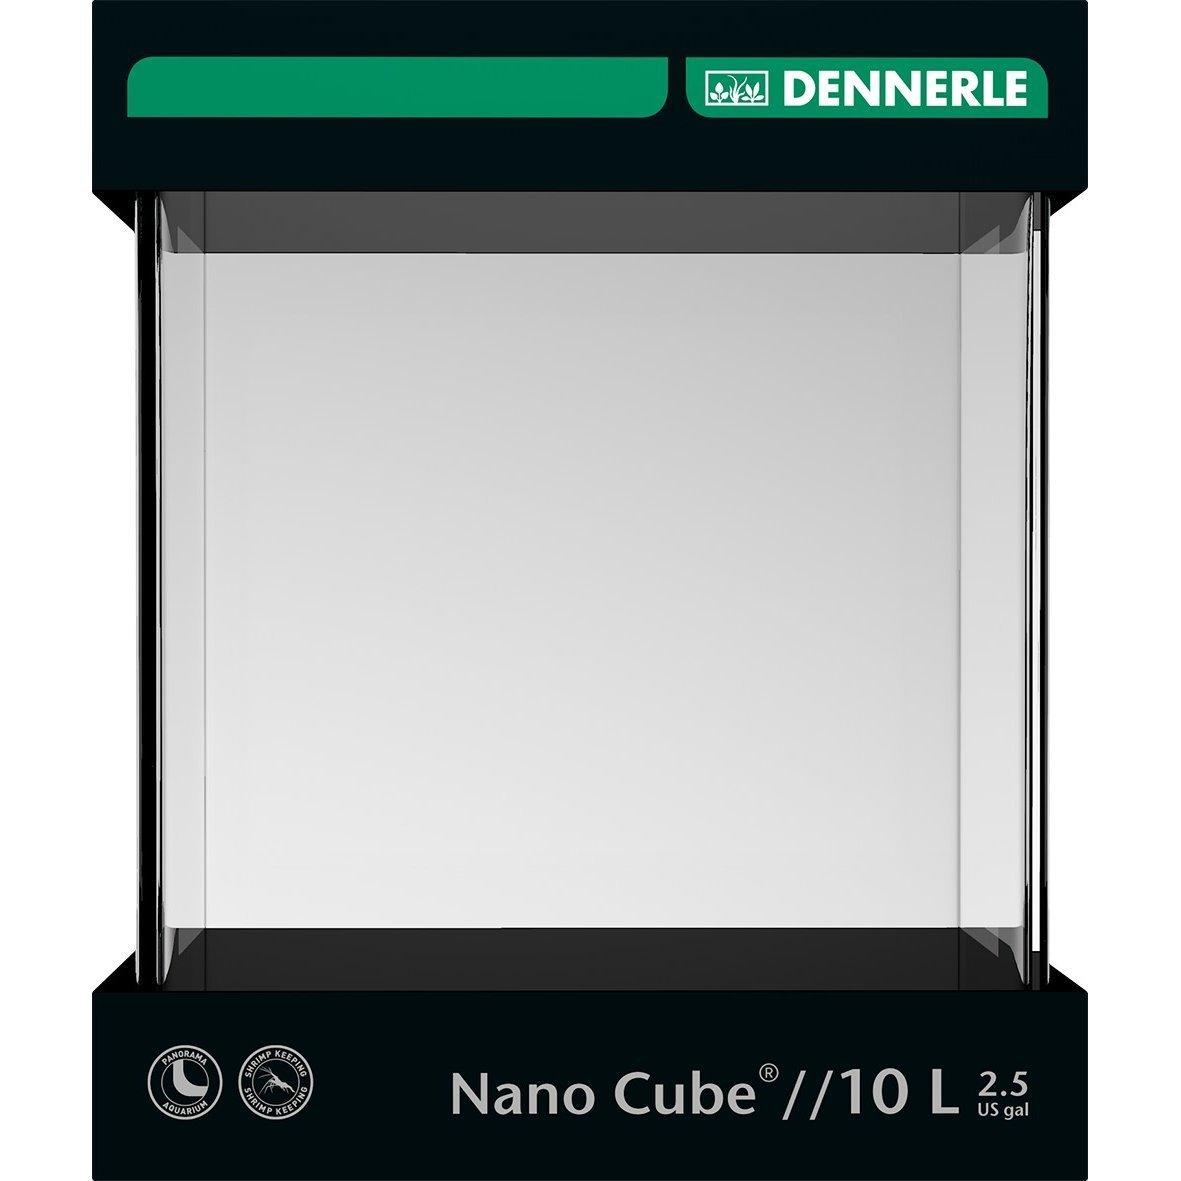 Dennerle NanoCube Aquarium Bild 2